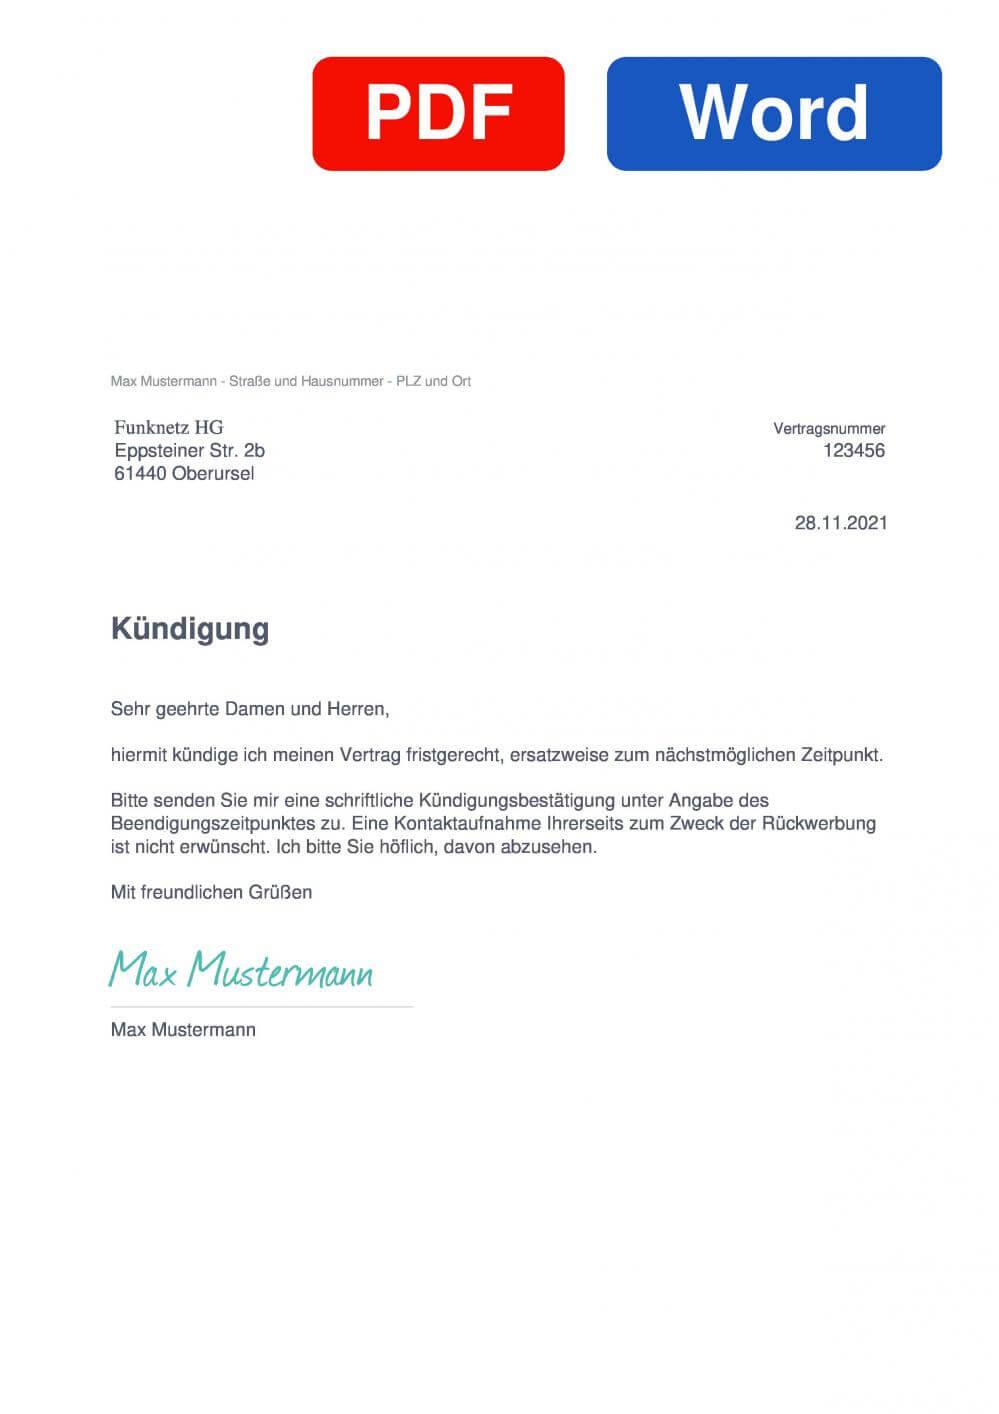 Funknetz HG Muster Vorlage für Kündigungsschreiben